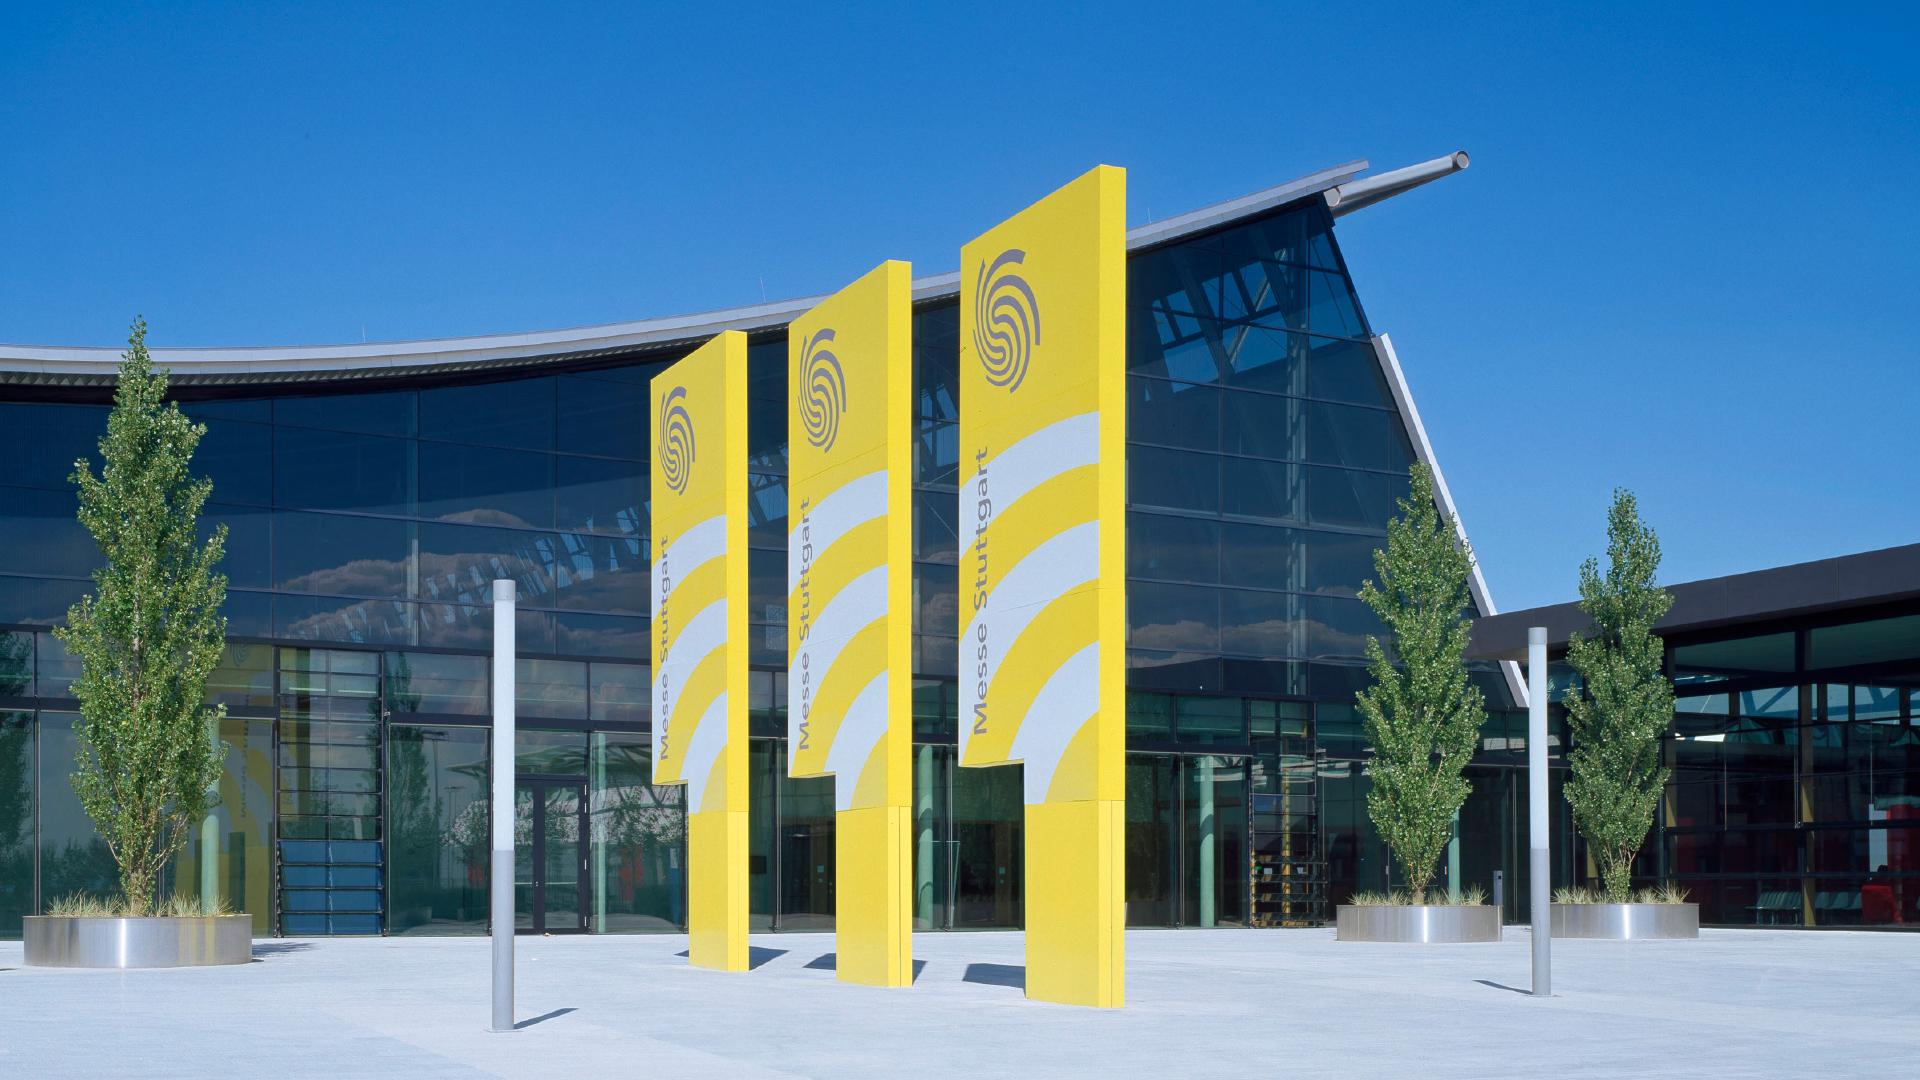 Gebäude Messe Stuttgart von außen